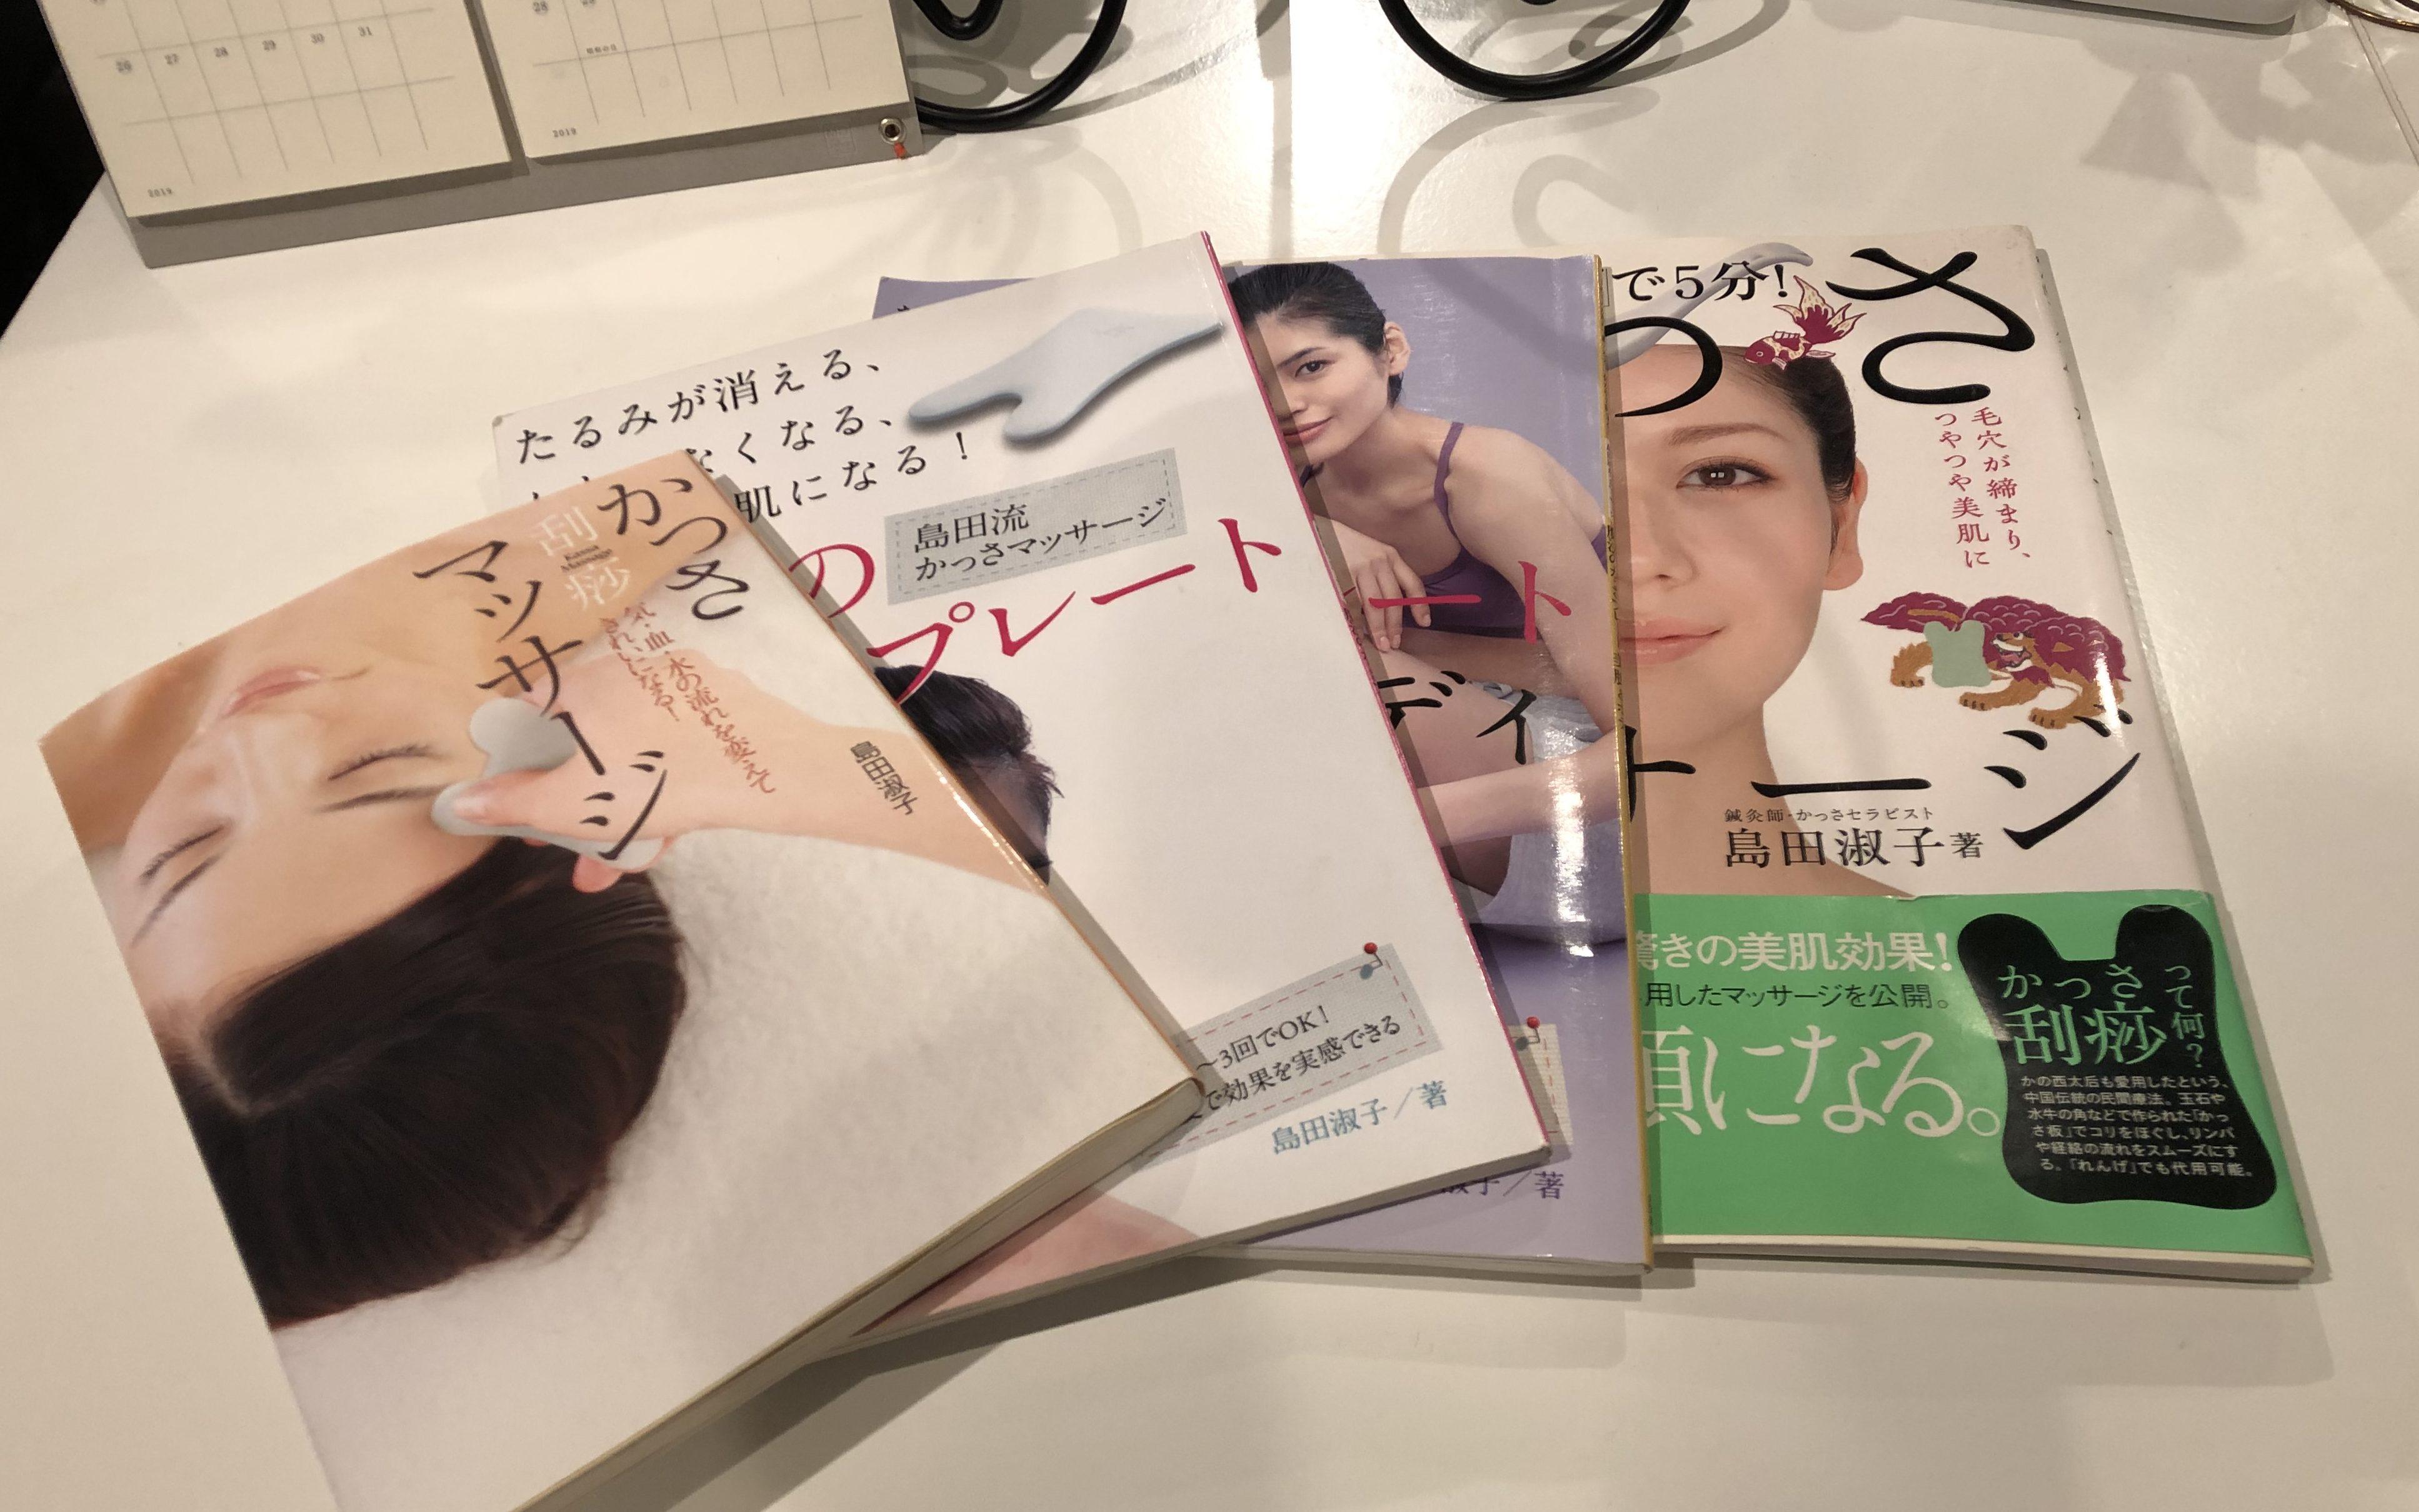 山口さんがお持ちの島田の書籍